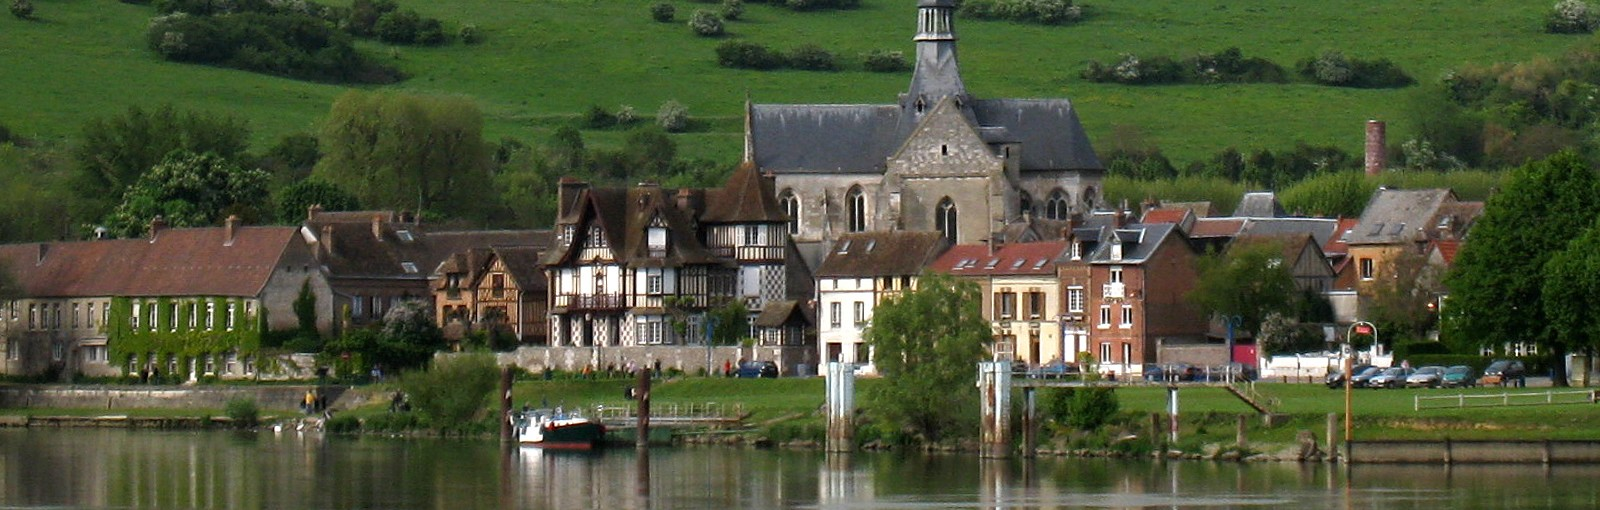 Ville au long de la Seine